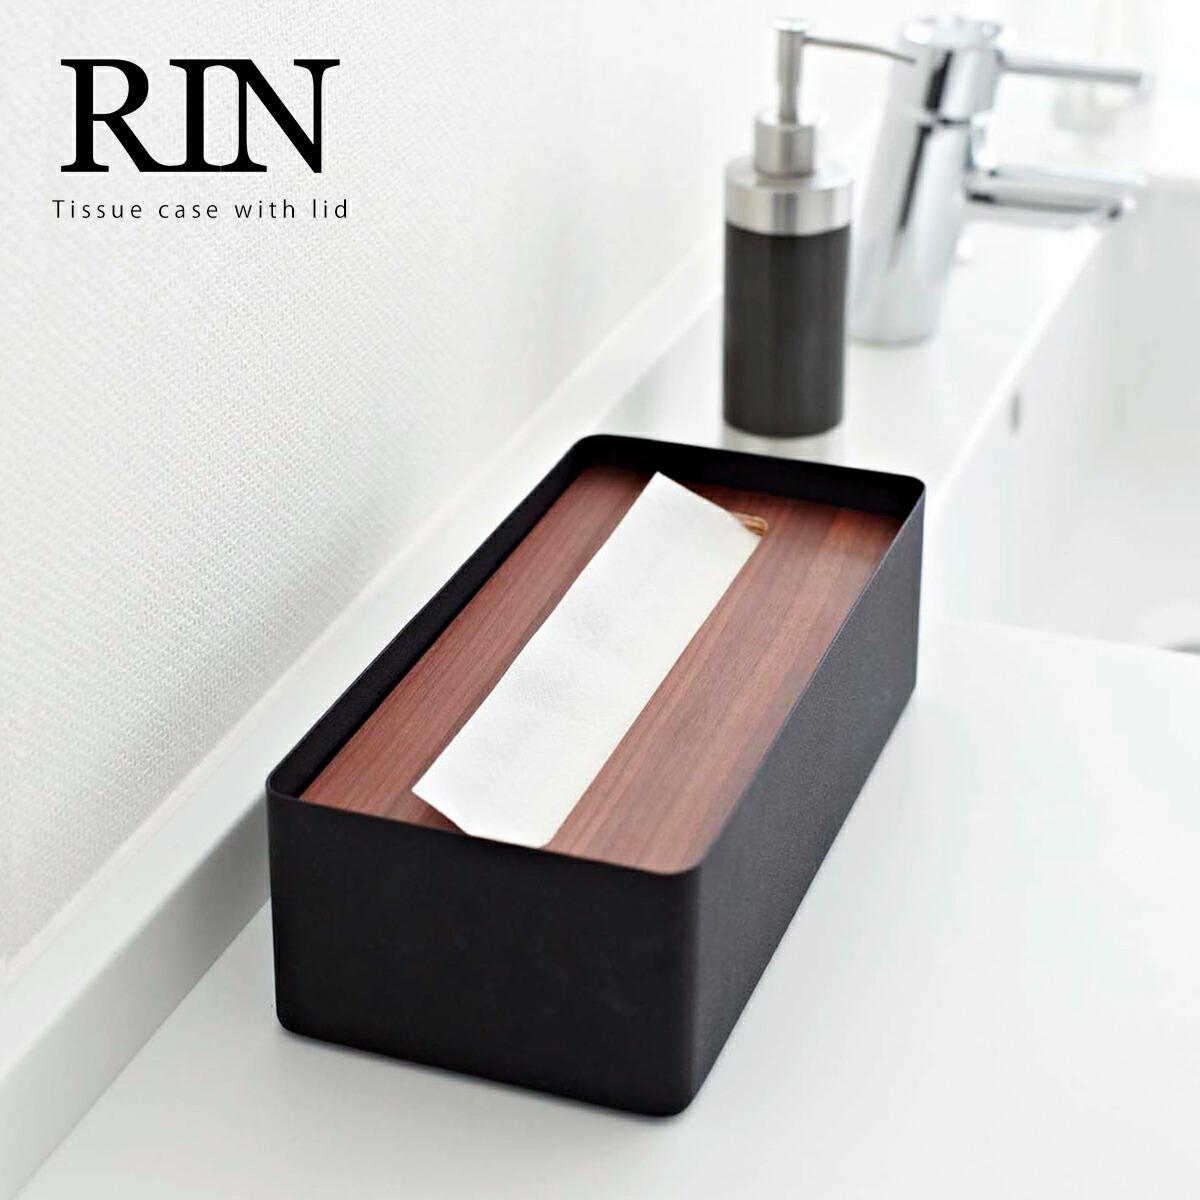 RIN / リン 蓋付きティッシュケース L ボックスティッシュ ティッシュペーパー 収納 ペーパータオル